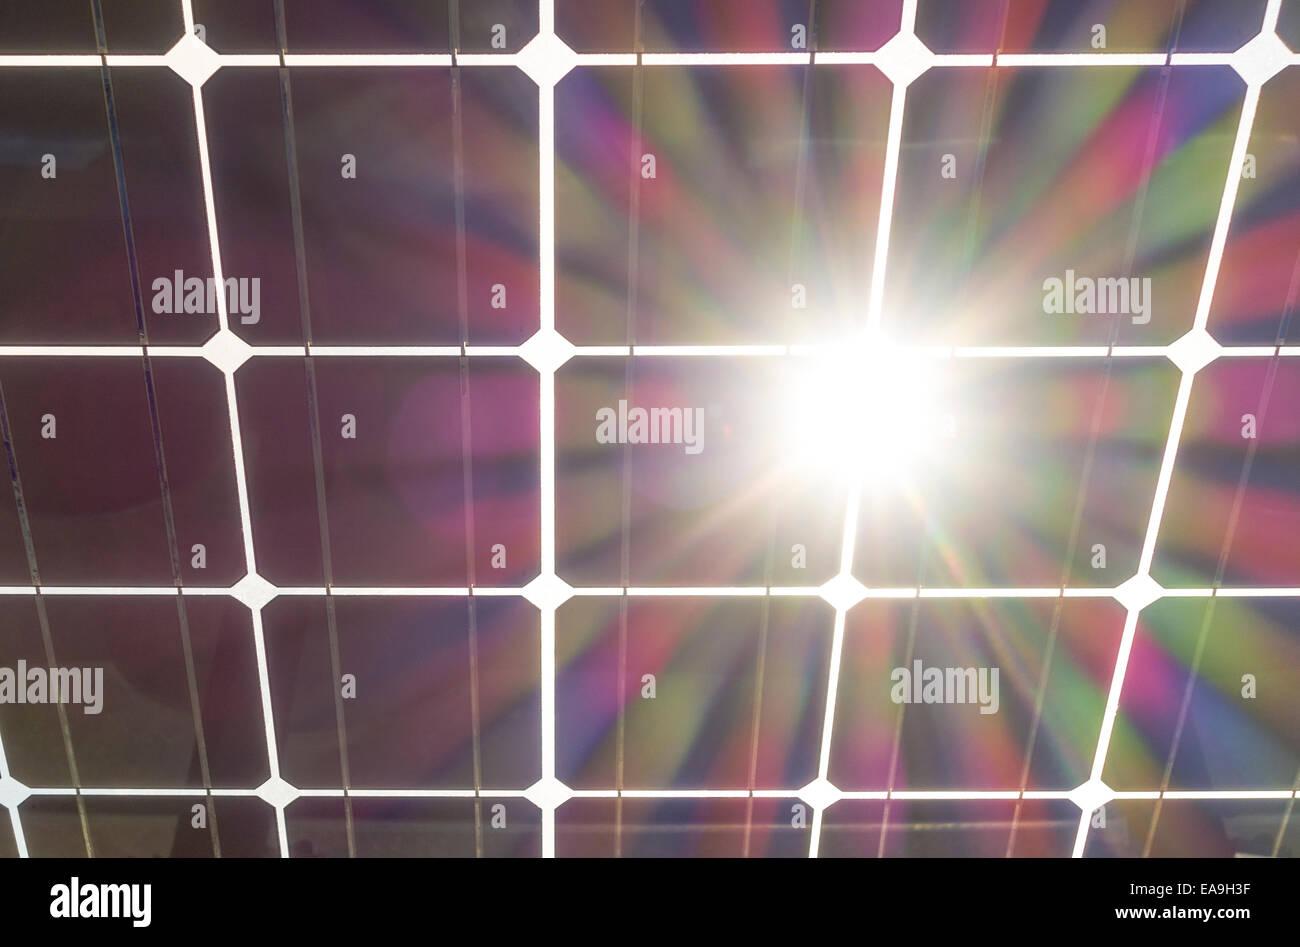 Solar-Panels wit Sonne platzen Flare. Solar-Panel gesehen von hinten unten. Solarzellen auf Klarglas mit Sonne durch. Stockbild